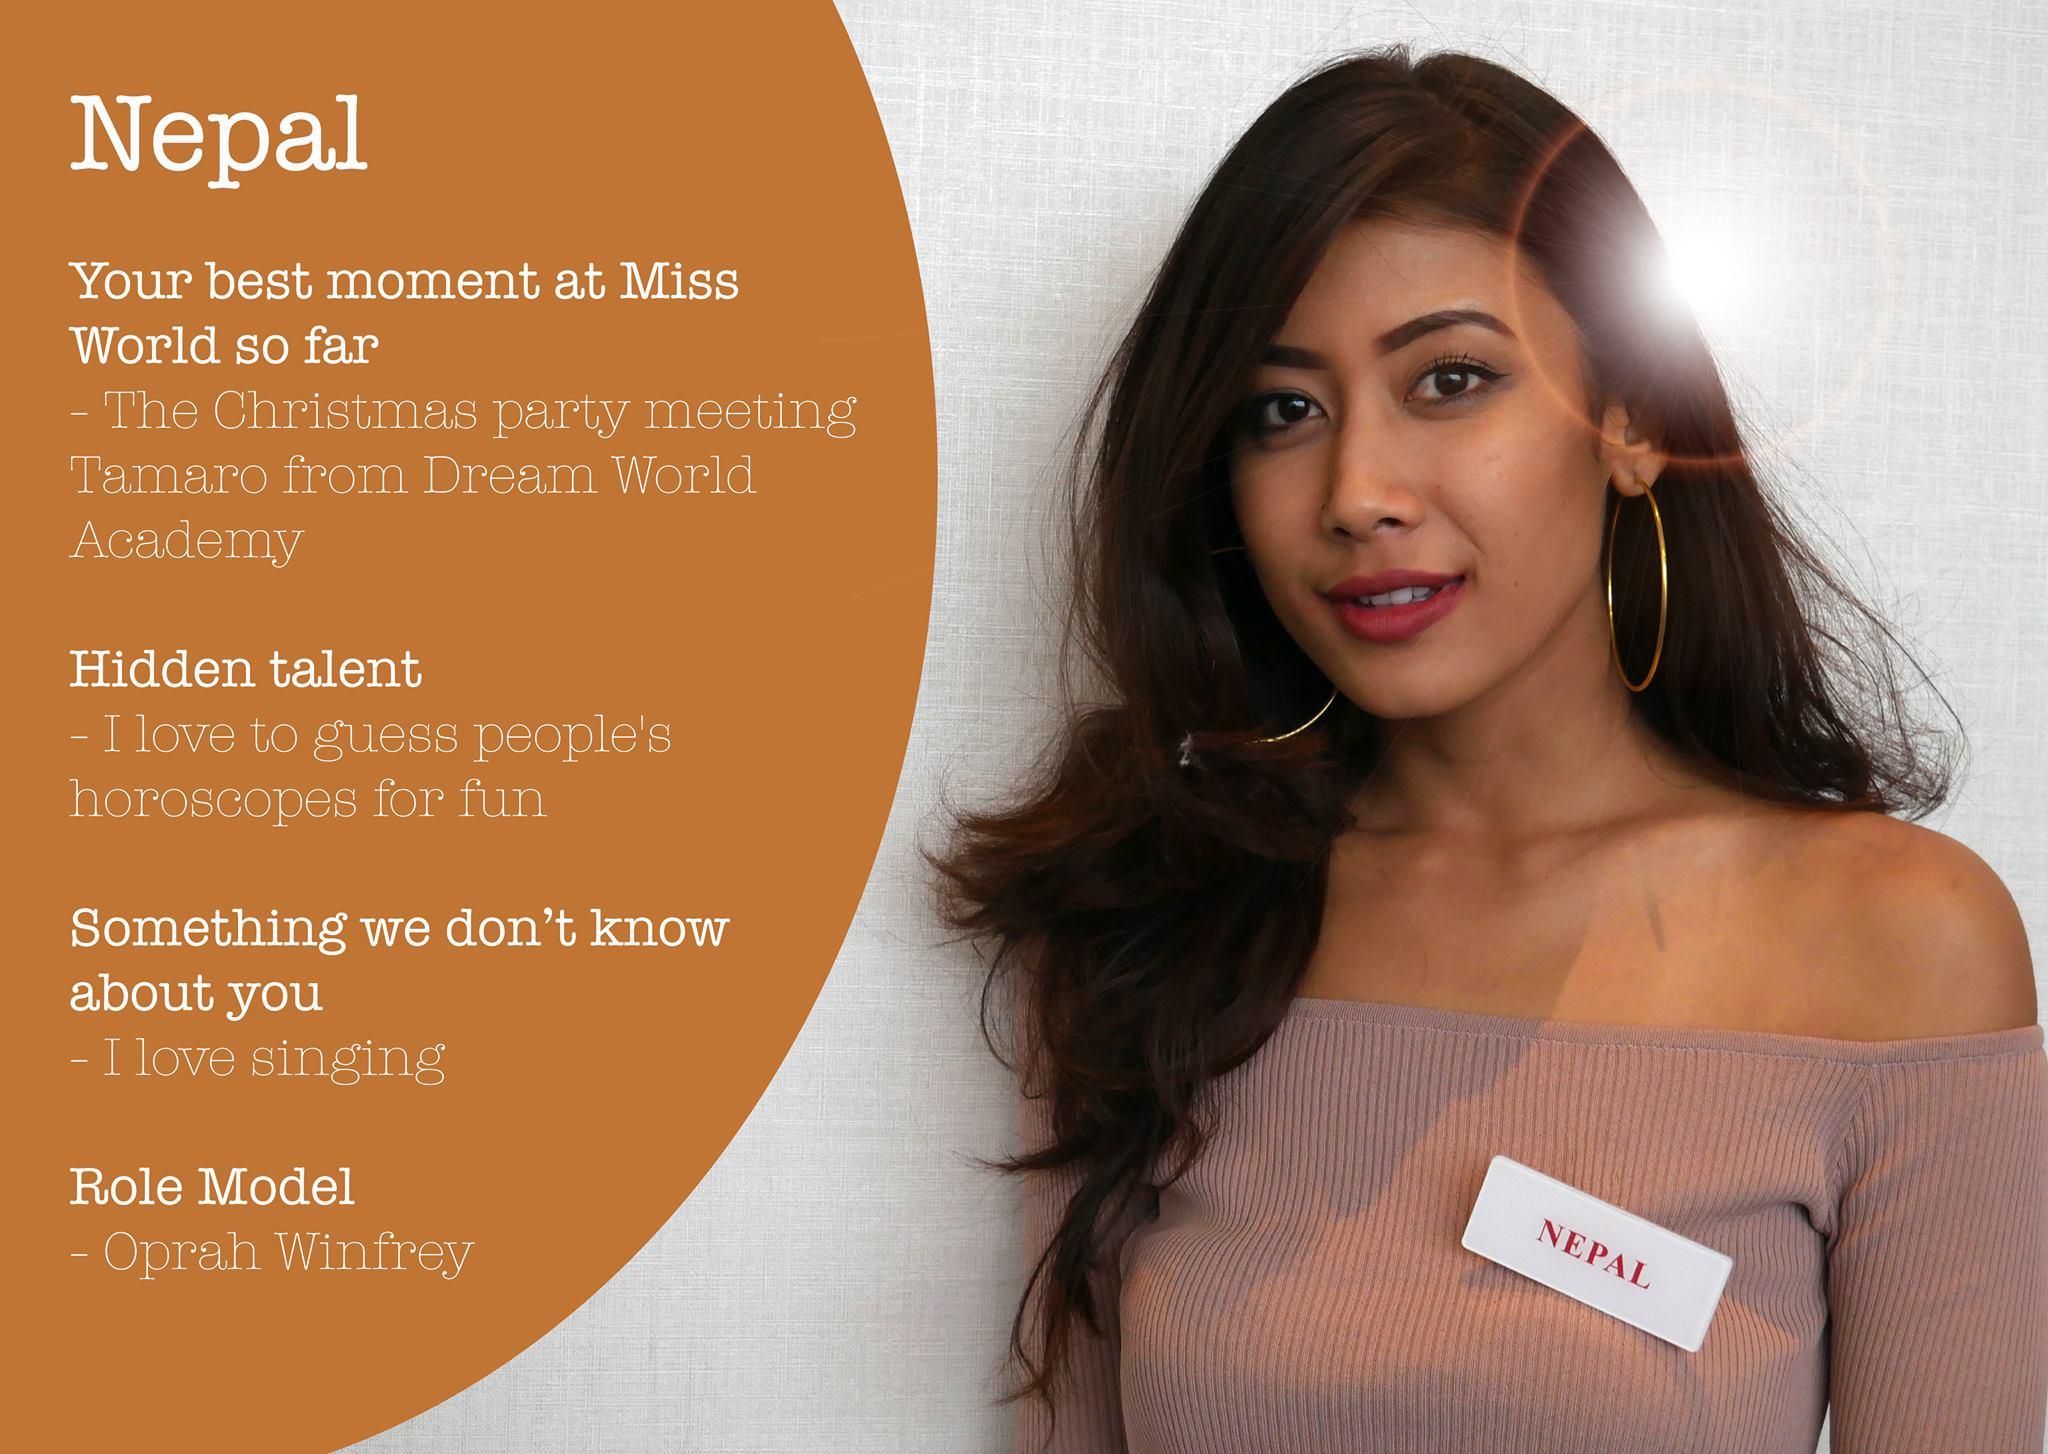 Asmi Shrestha Profile Fun Facts Miss World 2016